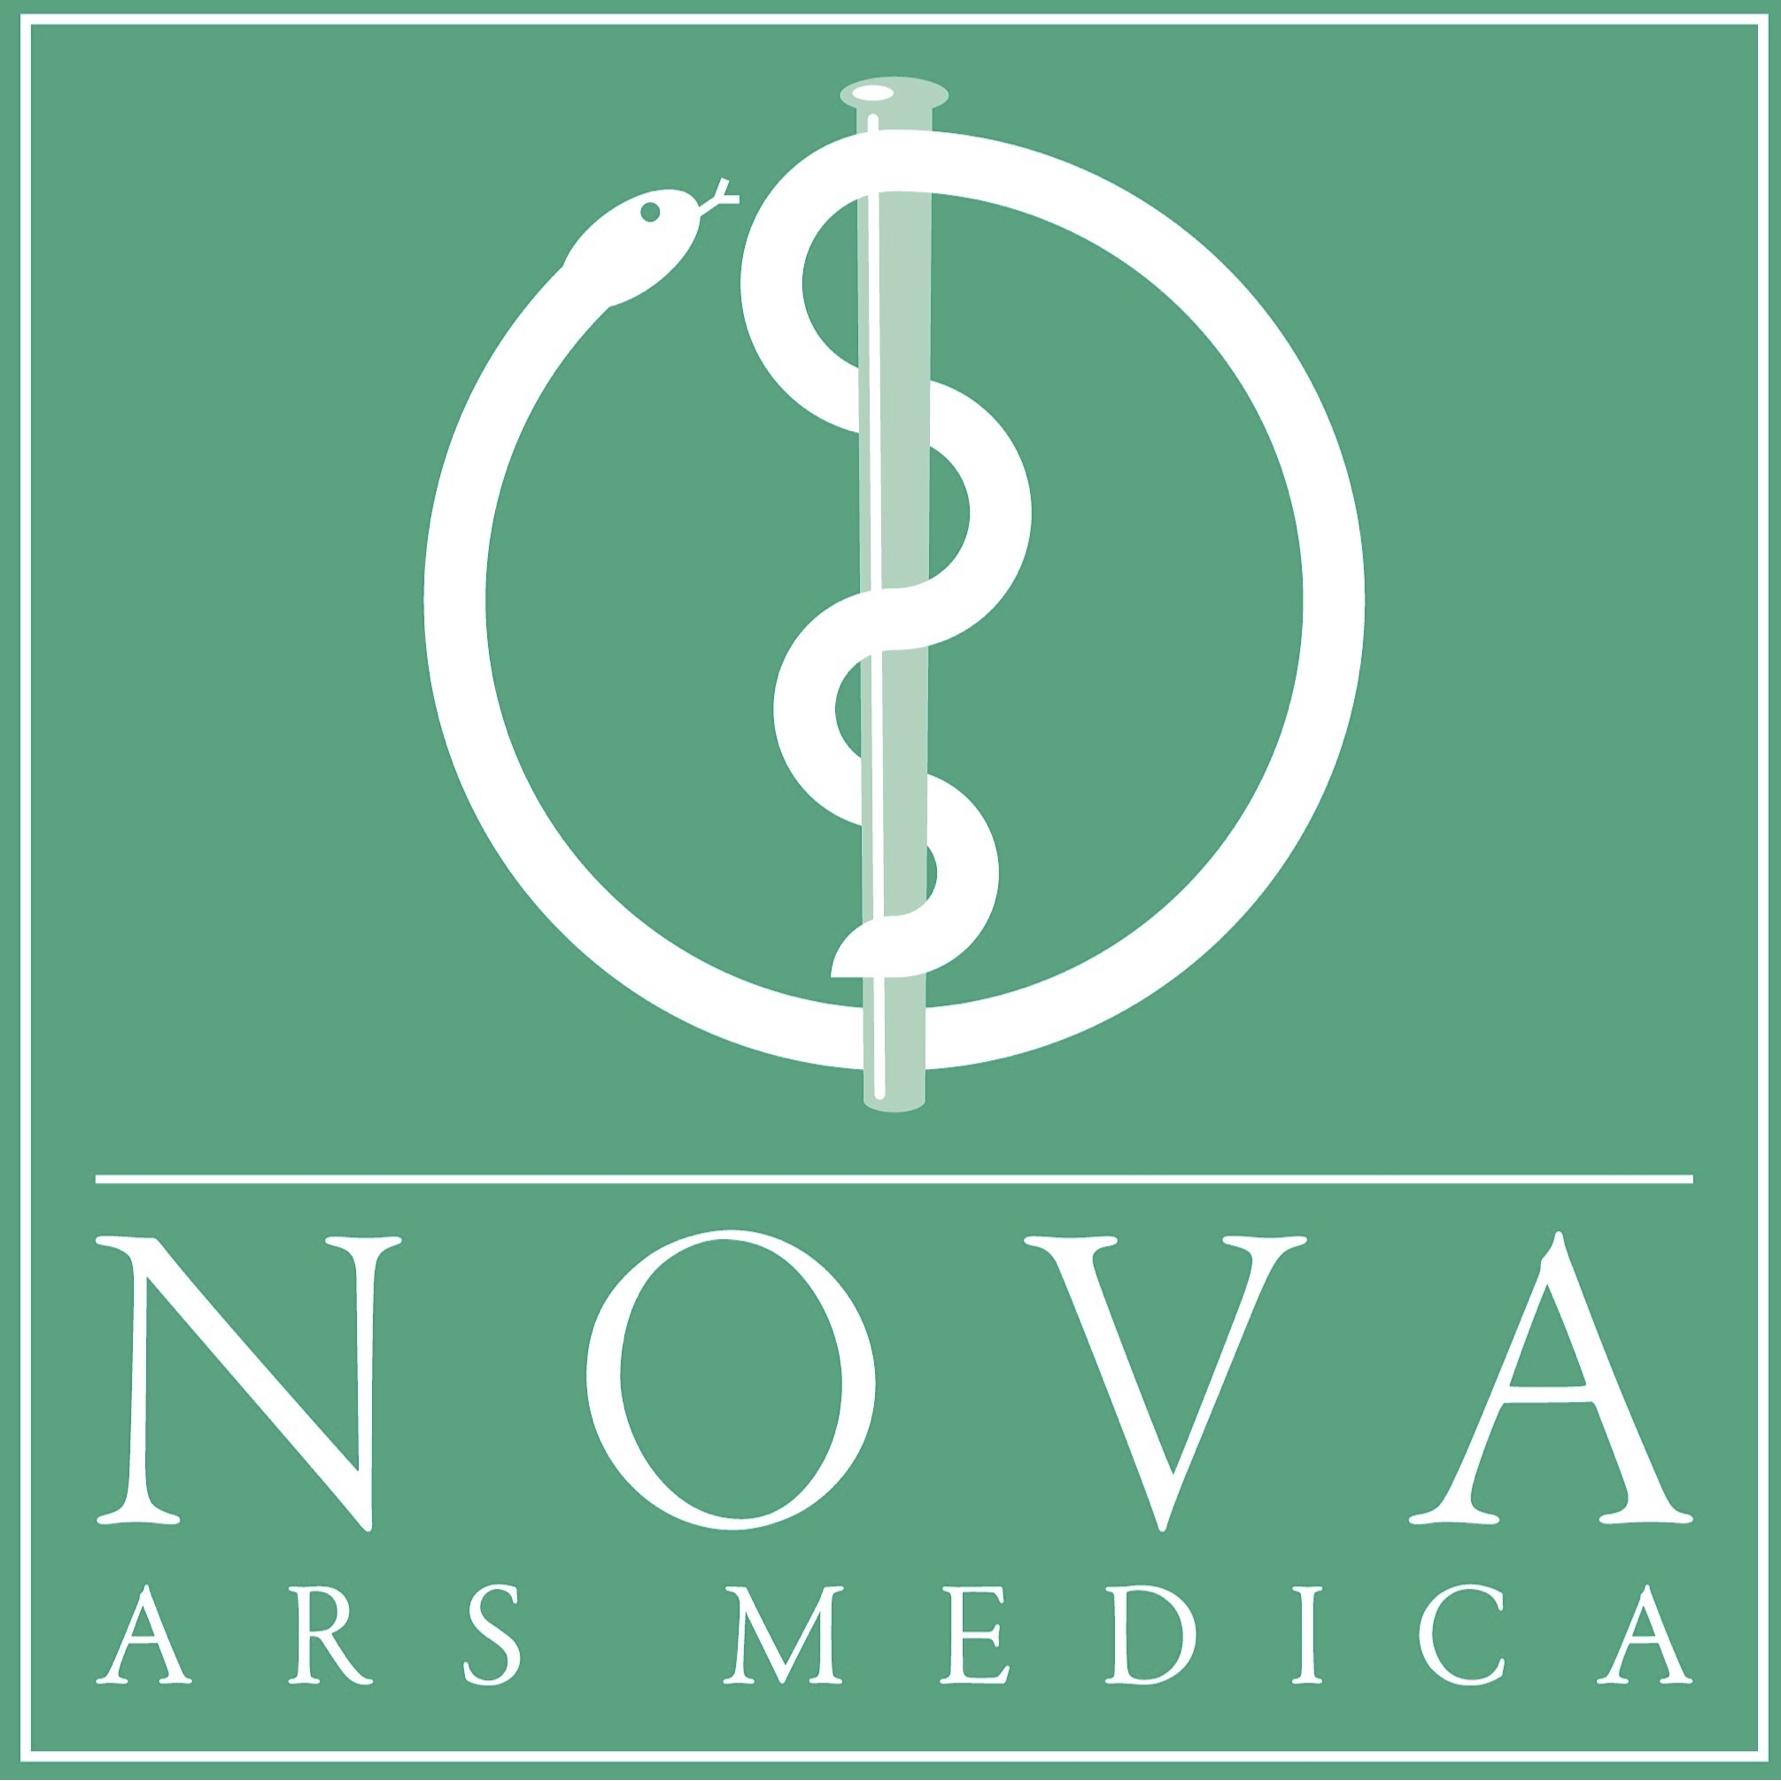 Nova Ars Medica